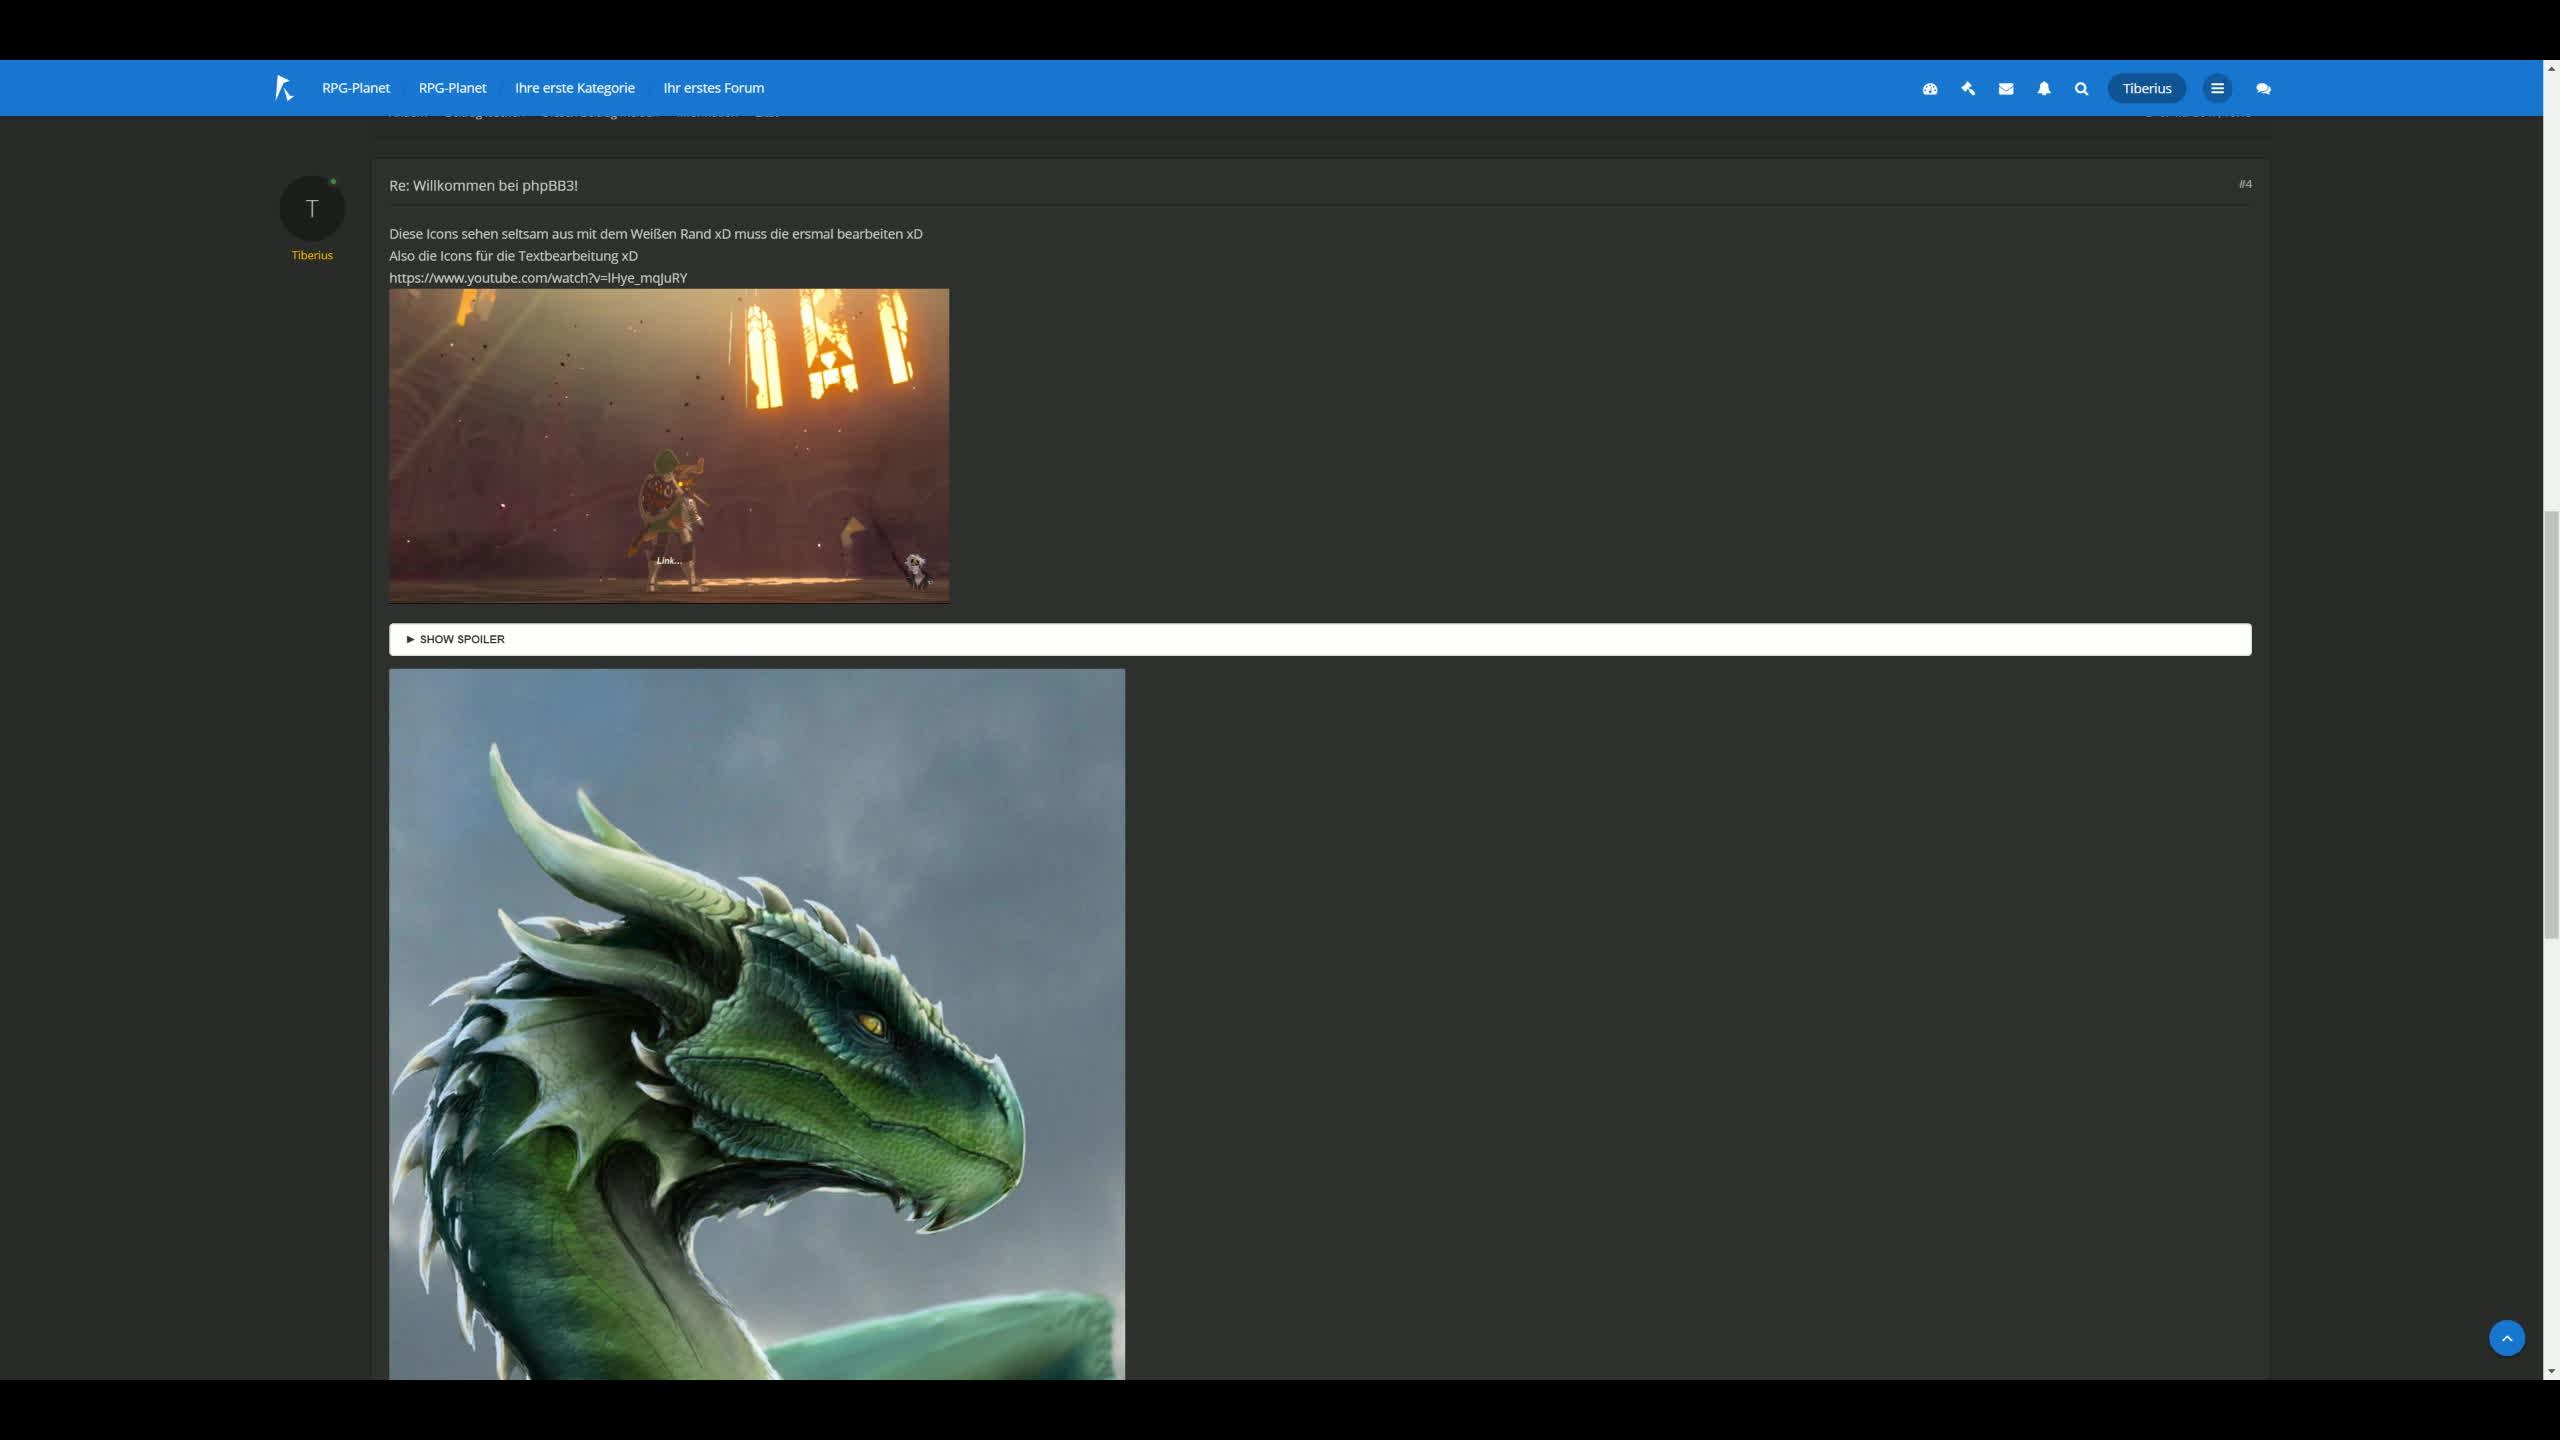 webdev, webpage preview GIFs